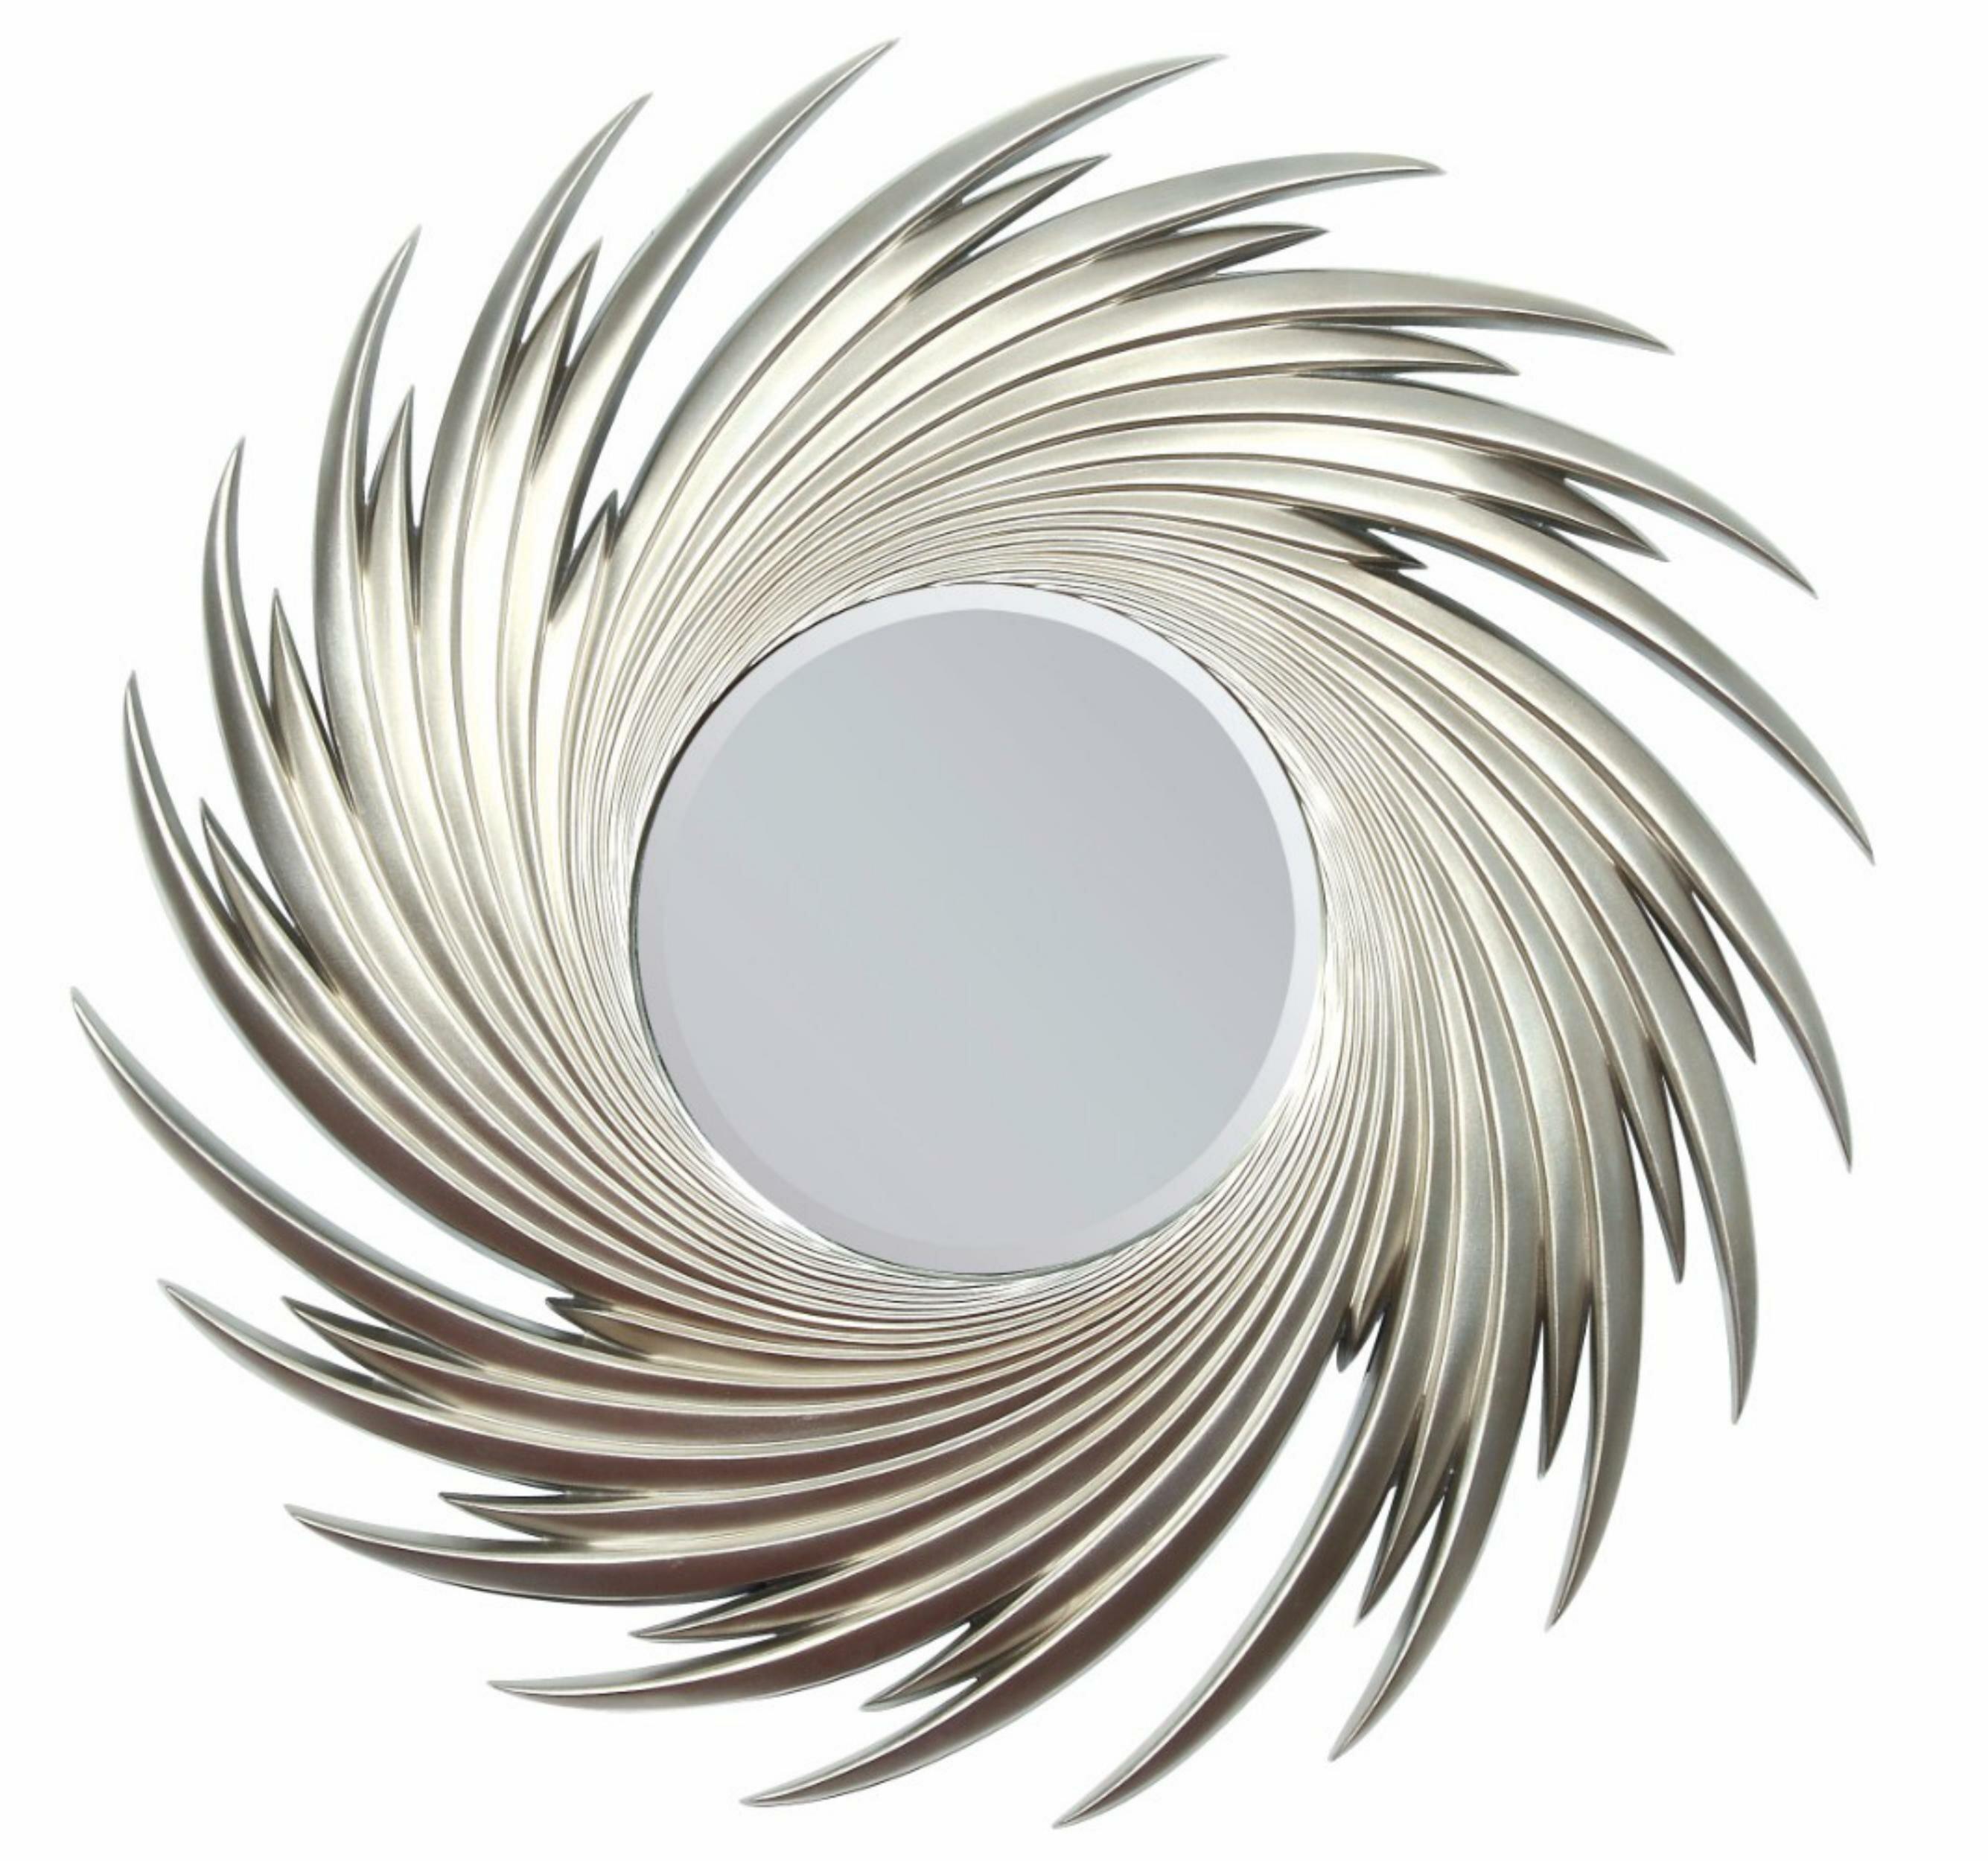 Orren Ellis Messerschmidt Sharp Frame Accent Mirror Wayfair